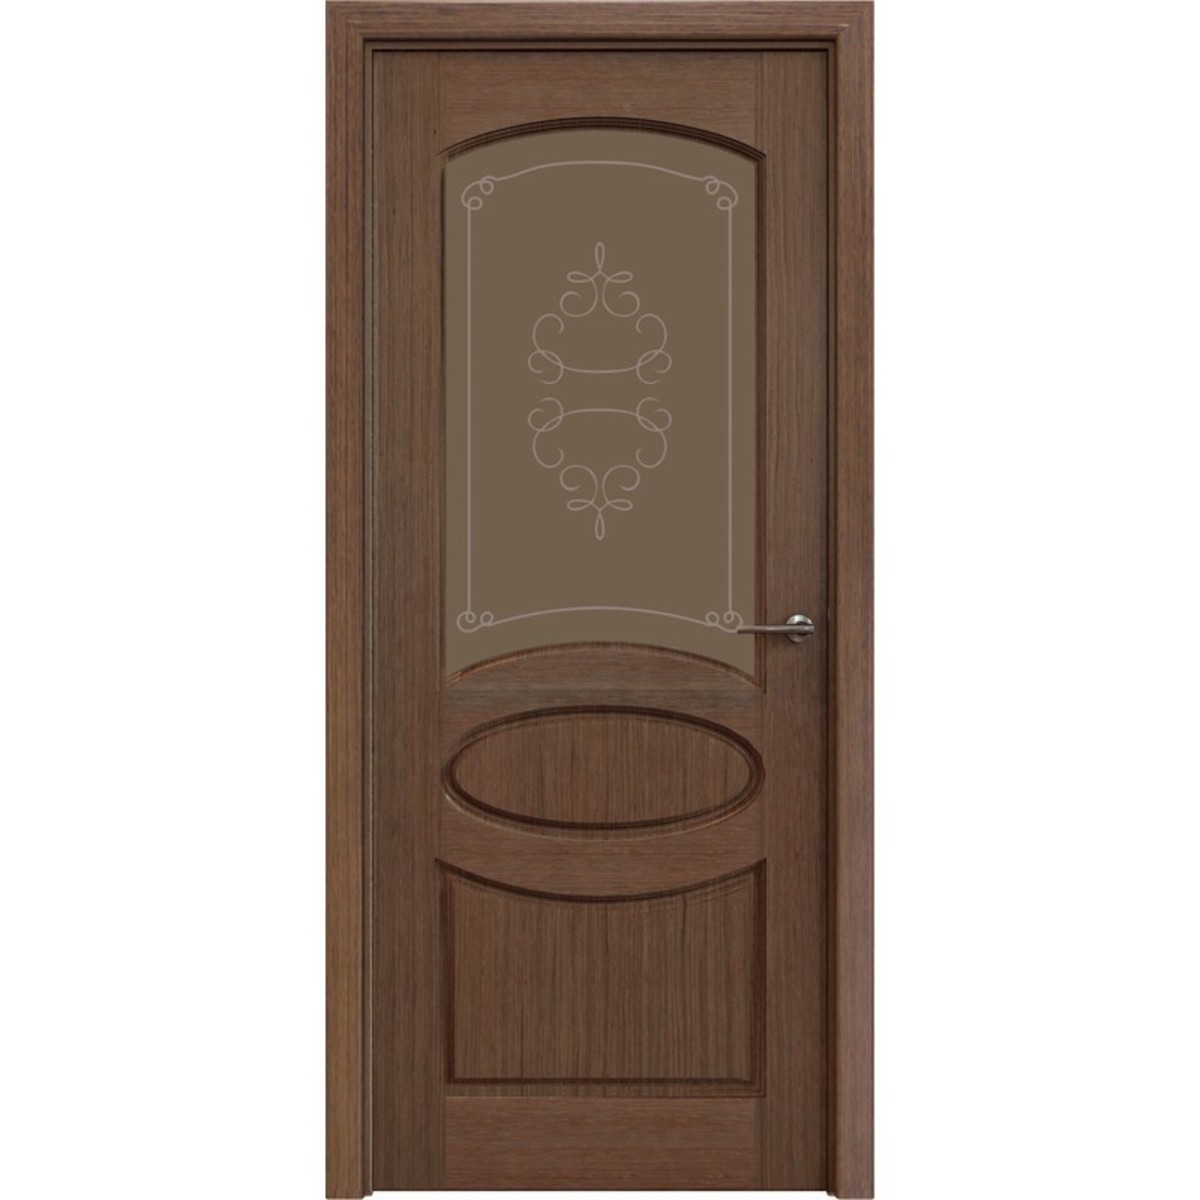 Дверь межкомнатная остеклённая Классика 60x200 см шпон цвет орех